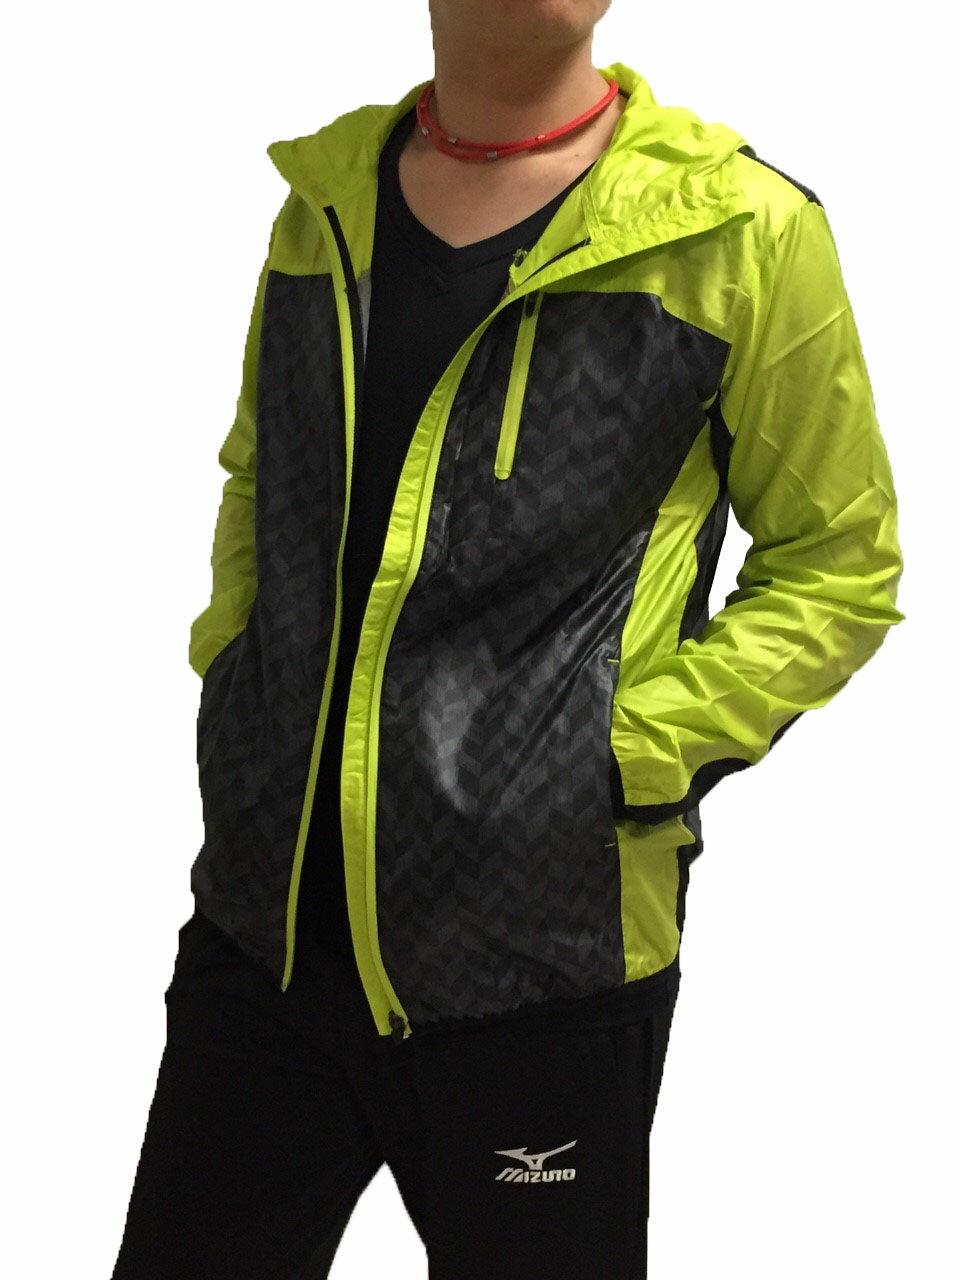 【登瑞體育】MIZUNO 路跑風衣 - J2TC558336